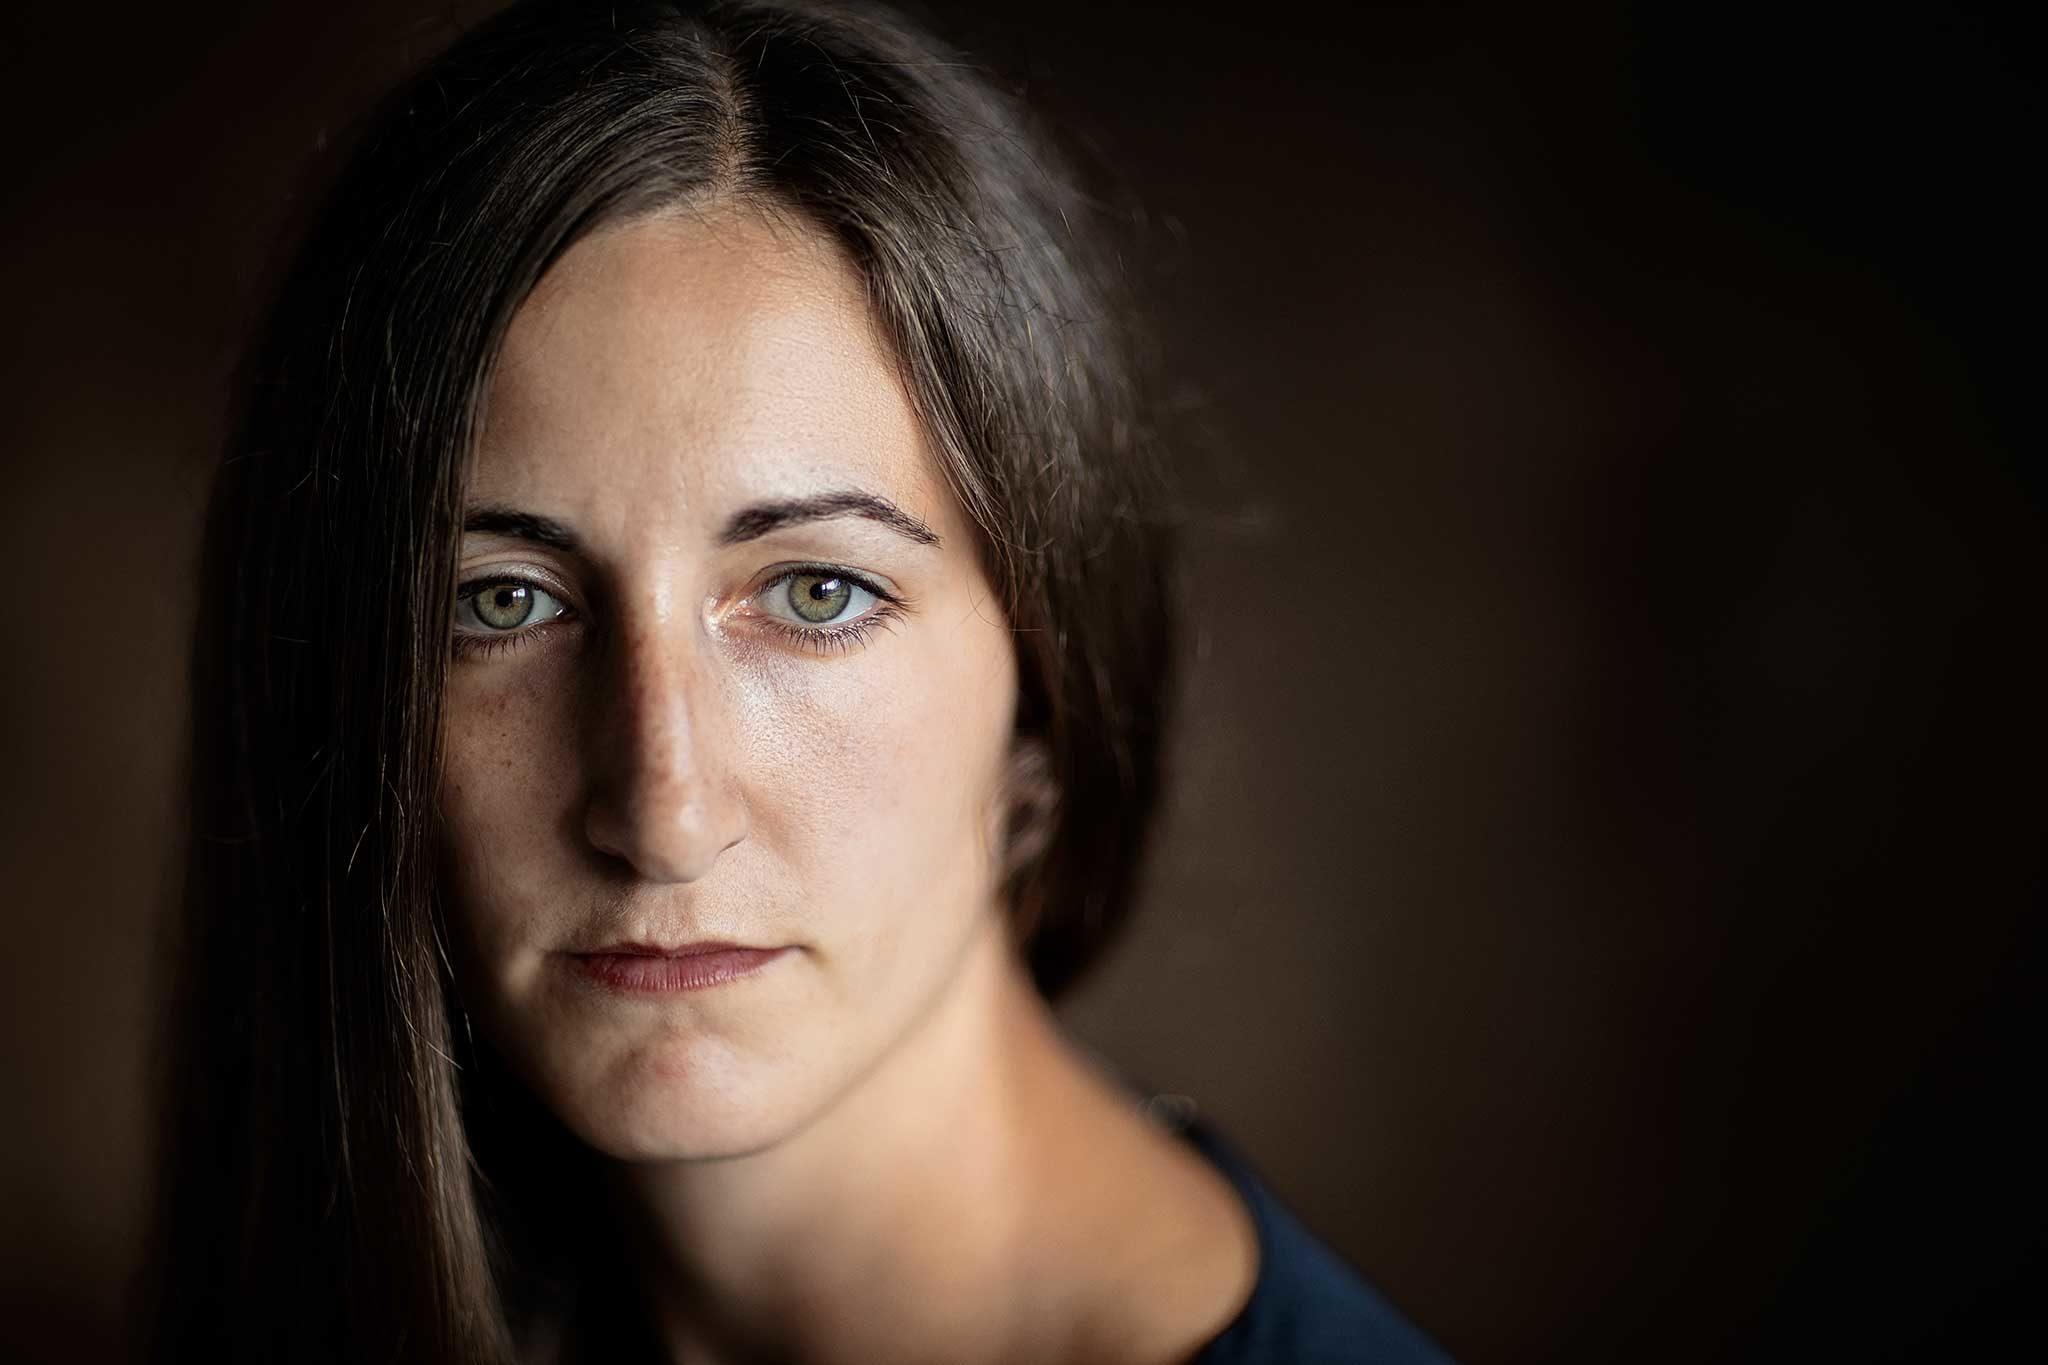 Sutdio Portrait junge Frau, ein Fenster, minimalistisch. Portfolio, Portraits